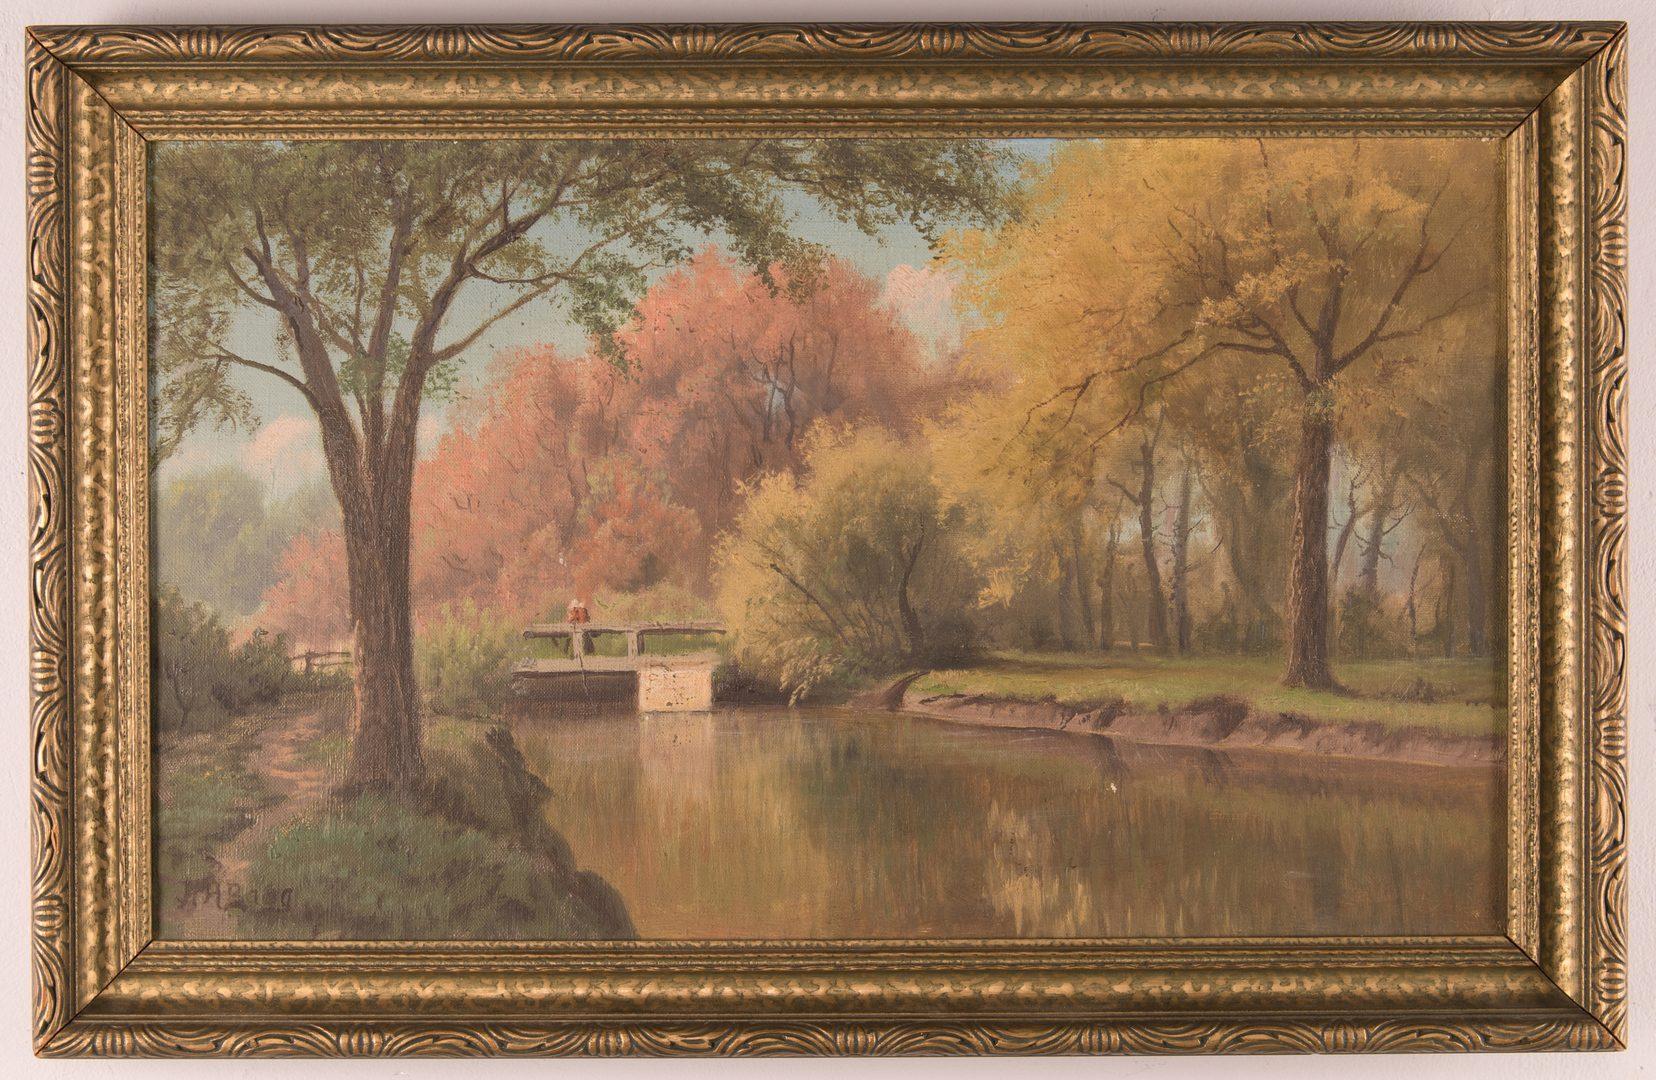 Lot 444: Pair landscape oils, H.H. Bagg